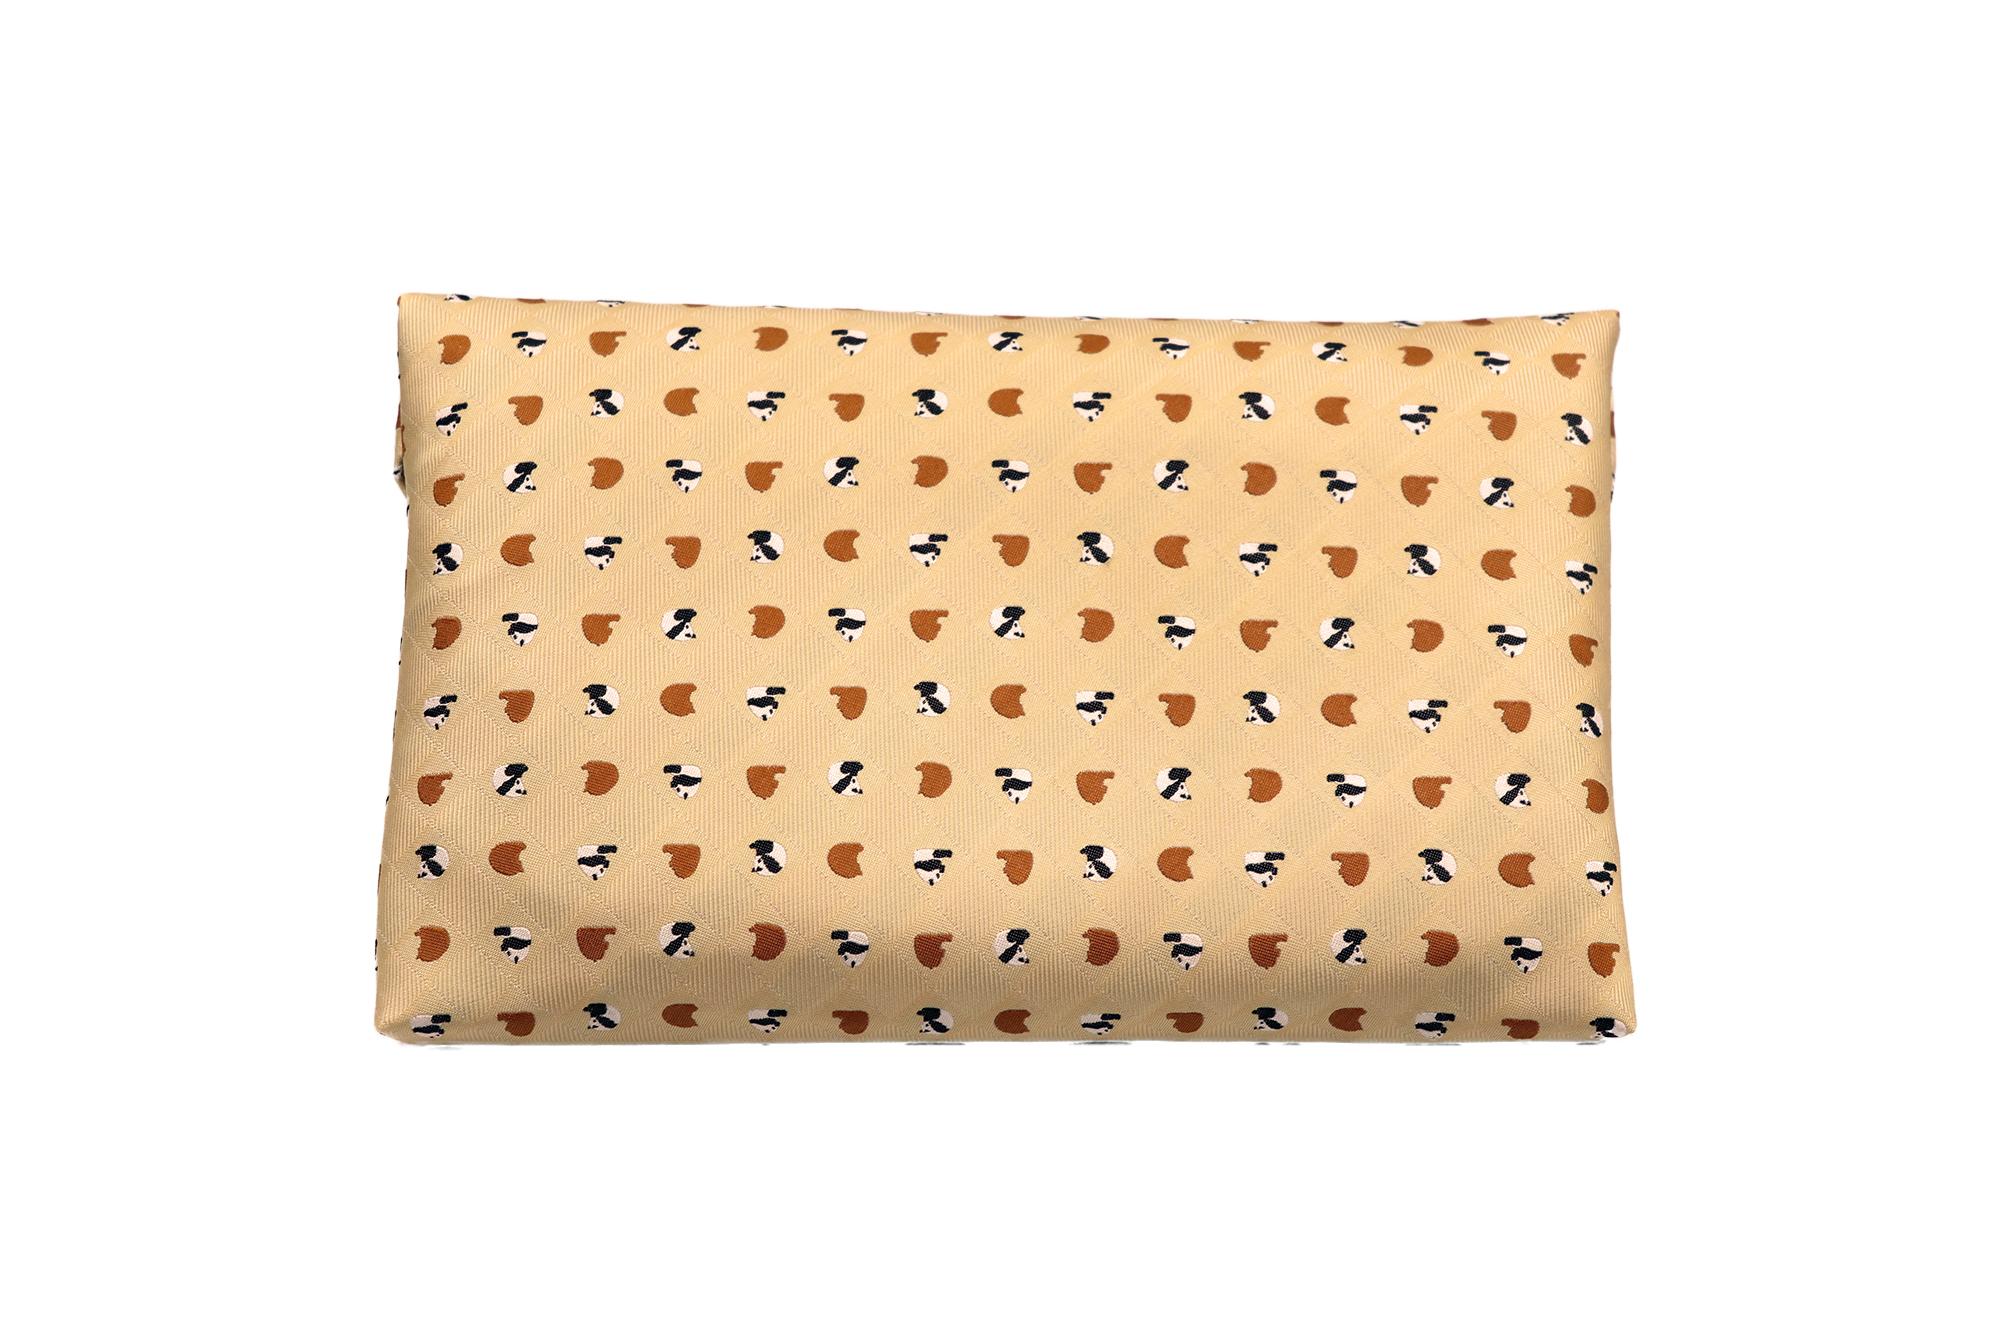 Atelier Kyoto Nishijin/お座りパンダ・西陣織シルク・数寄屋袋(すきやぶくろ)・B5サイズタブレット対応・杏色(あんずいろ)・日本製